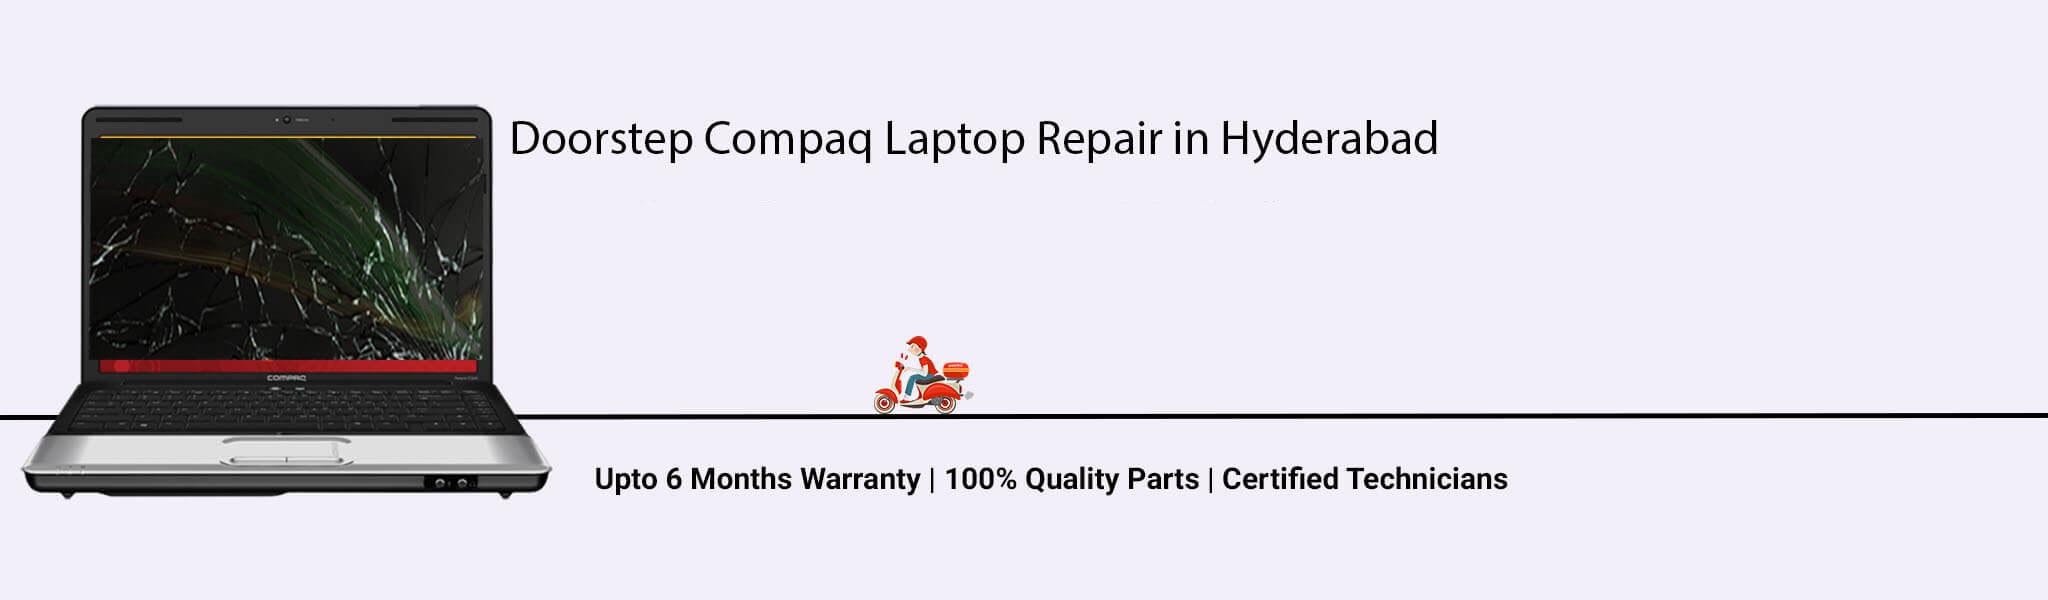 compaq-laptop-banner-hyderabad.jpg